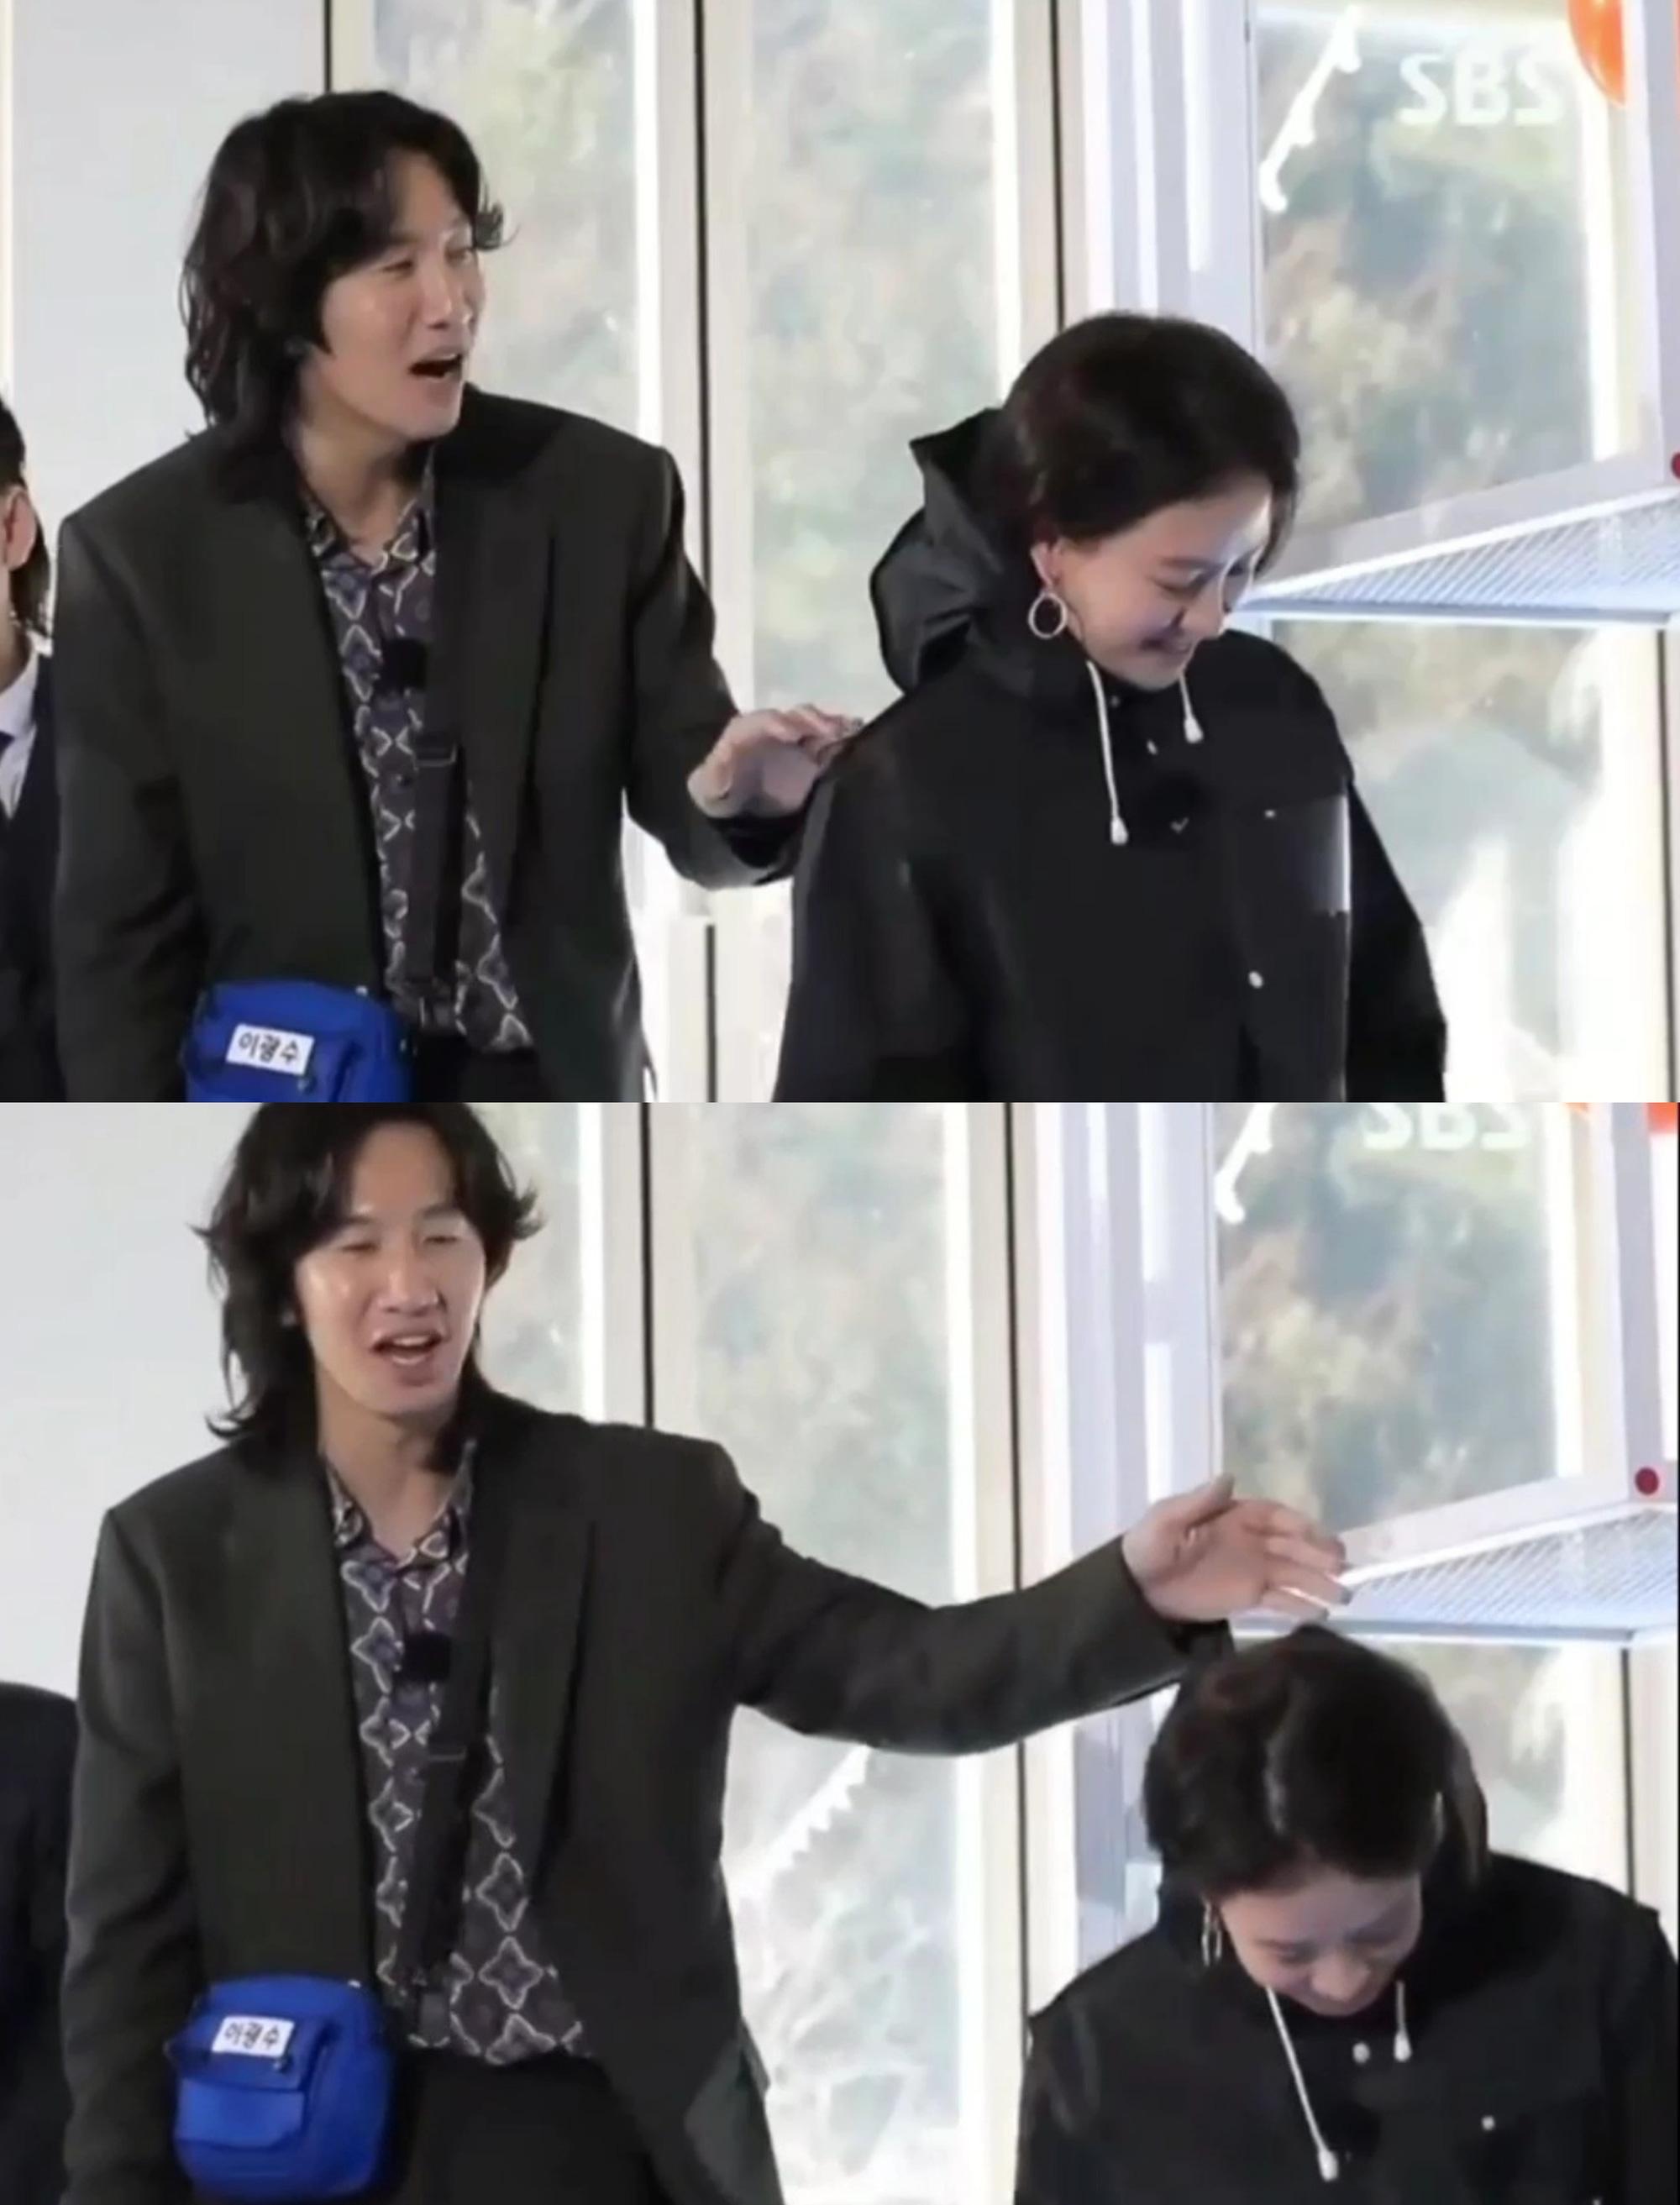 Chỉ với 1 động thái nhỏ với Song Ji Hyo diễn ra trong 3 giây, Lee Kwang Soo đã lộ rõ nét tính cách thật ngoài đời - Ảnh 4.